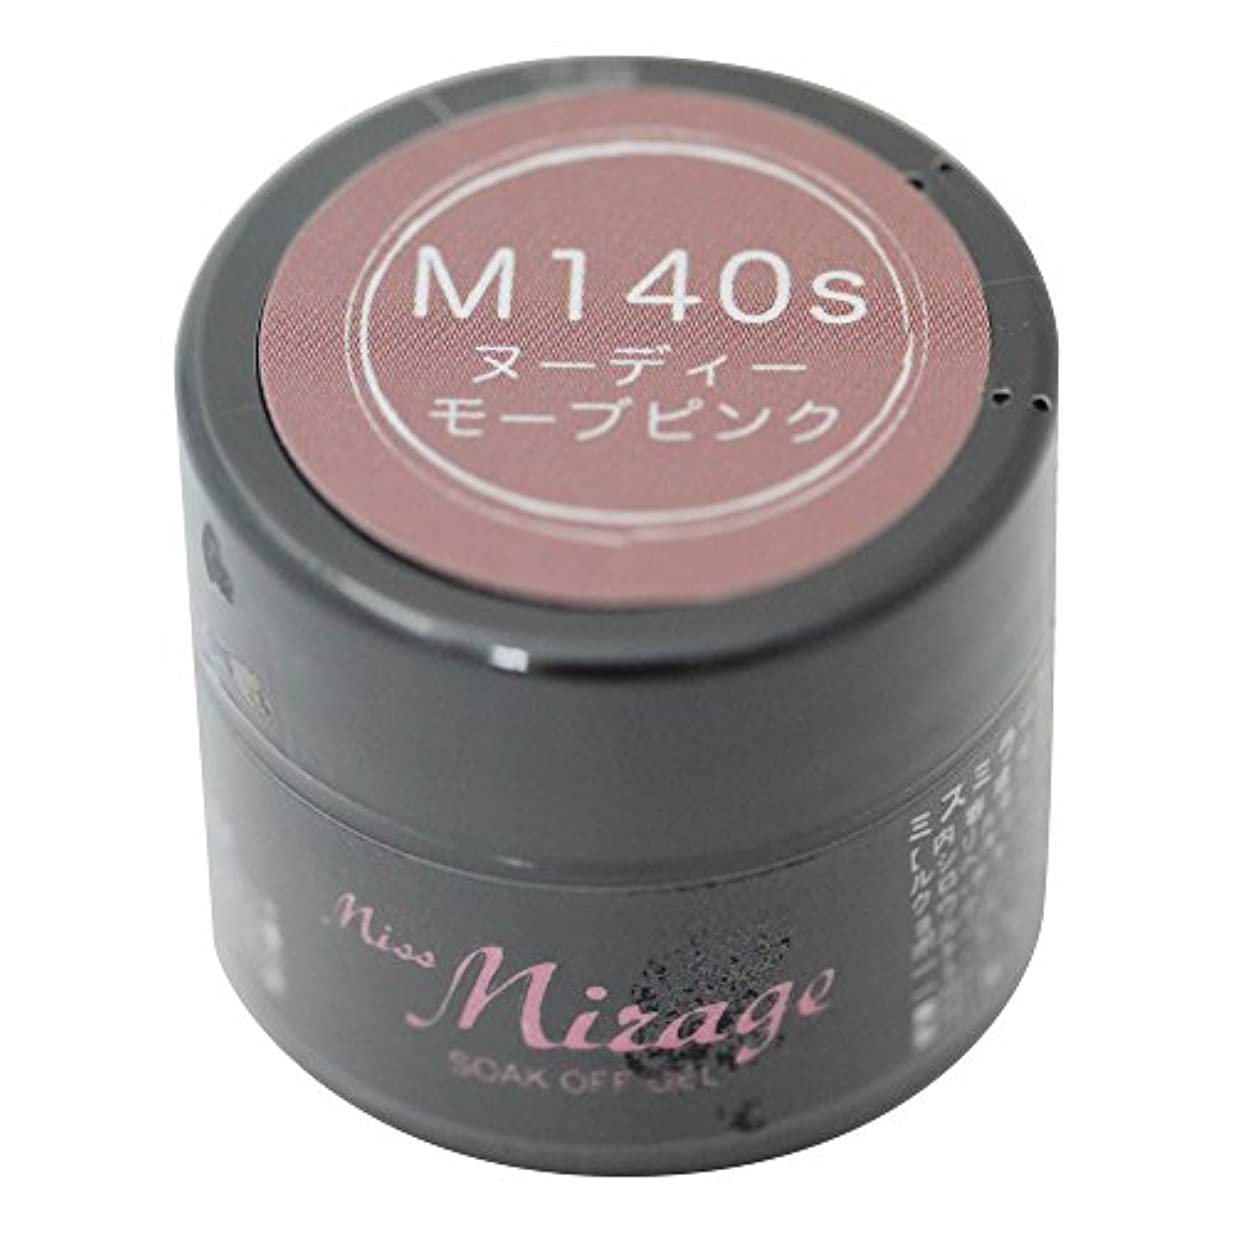 第三順応性作りますMiss Mirage M140S ヌーディーモーブピンク 2.5g UV/LED対応タイオウ